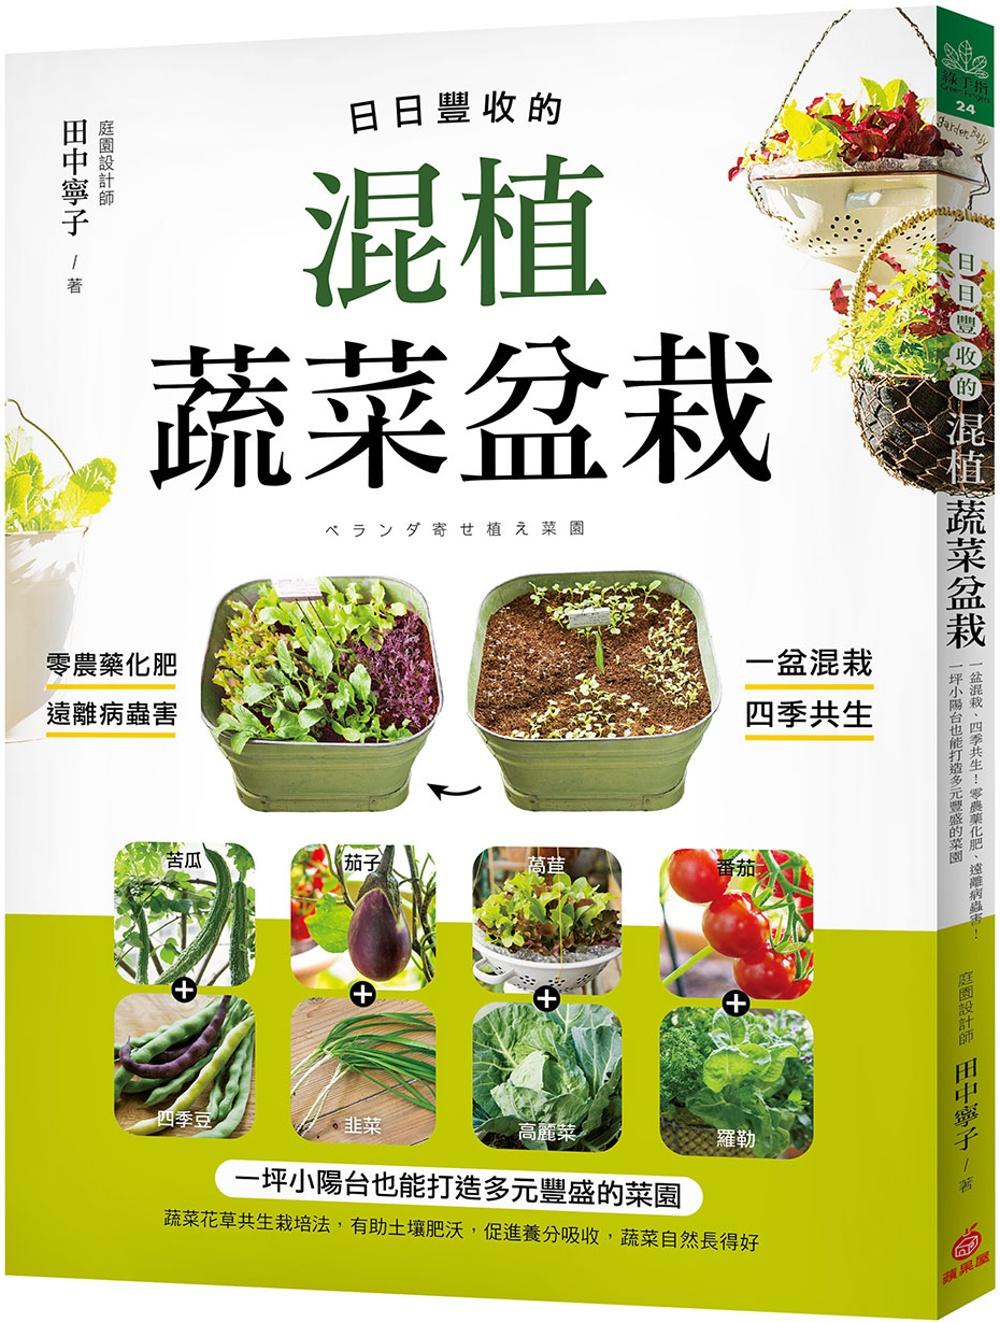 日日豐收的混植蔬菜盆栽:一盆混栽、四季共生!零農藥化肥、遠離病蟲害!一坪小陽台也能打造多元豐盛的菜園